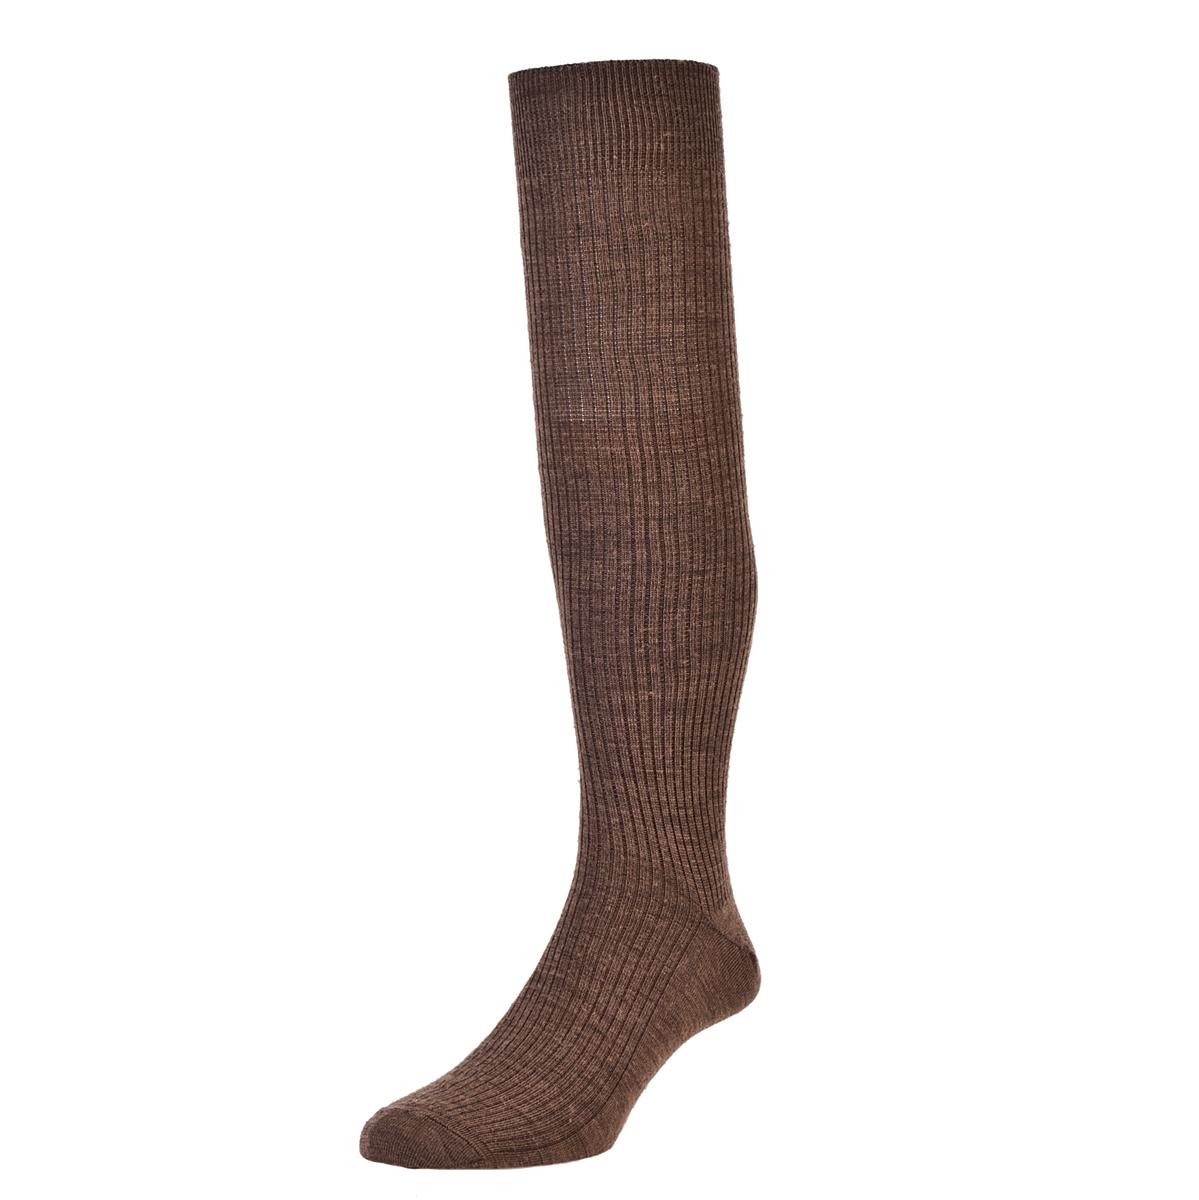 HJ Hall Immaculate Long Knee length Mens Socks size 6-11UK Taupe HJ77